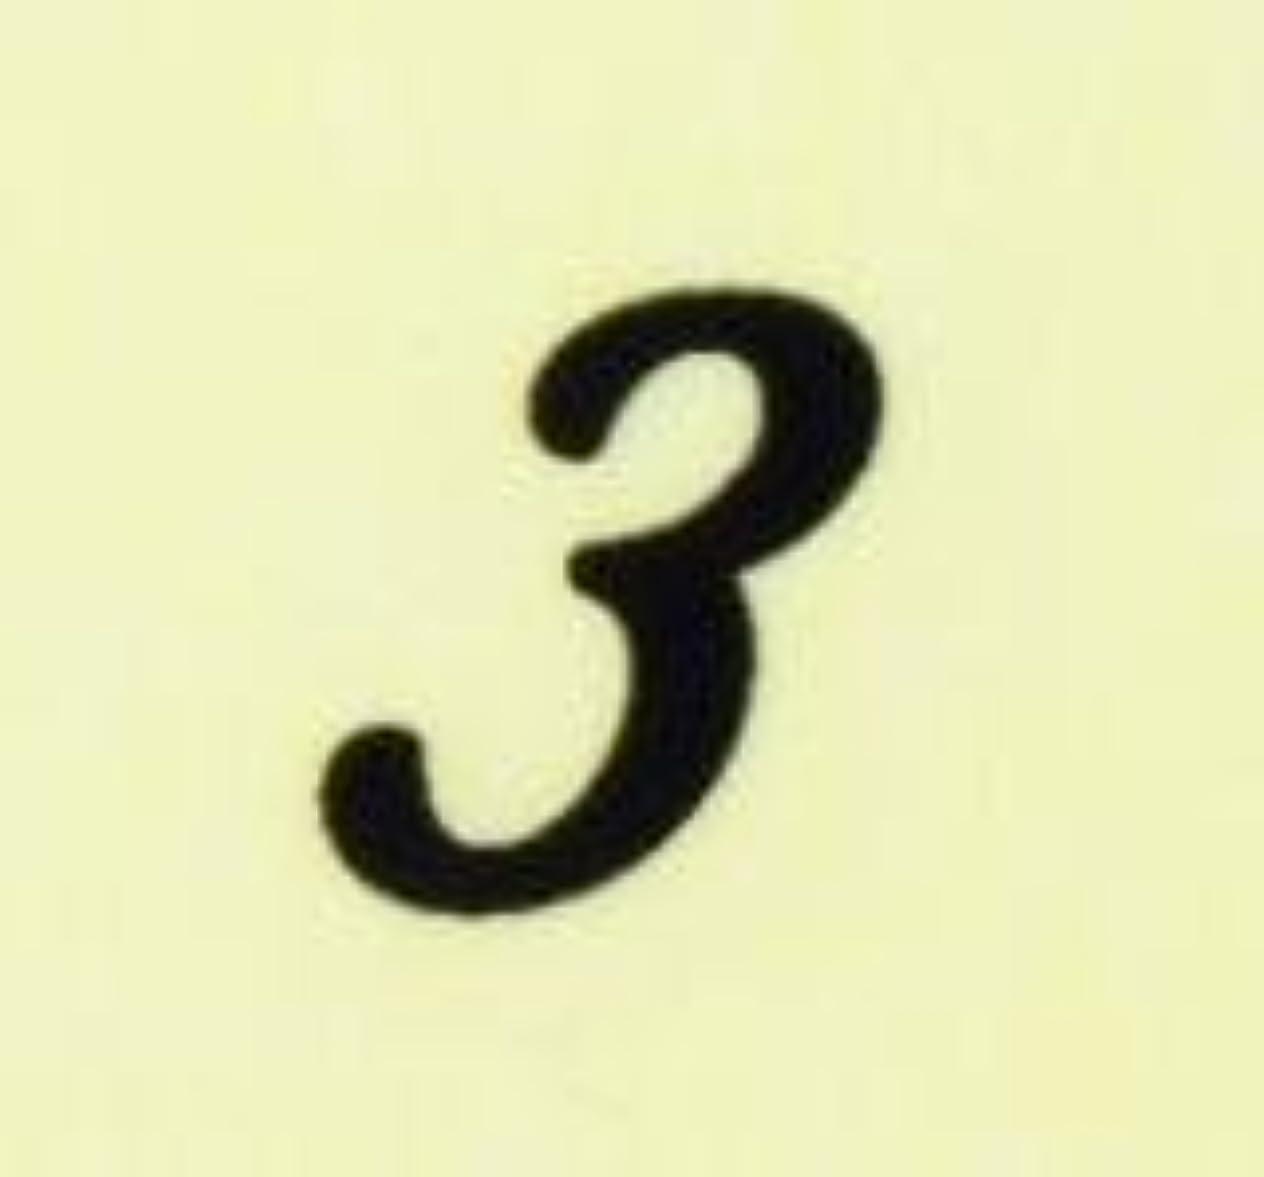 協力するダーツスパイ【数字ネイルシール】1筆記体《3》BK/各1シート9枚入